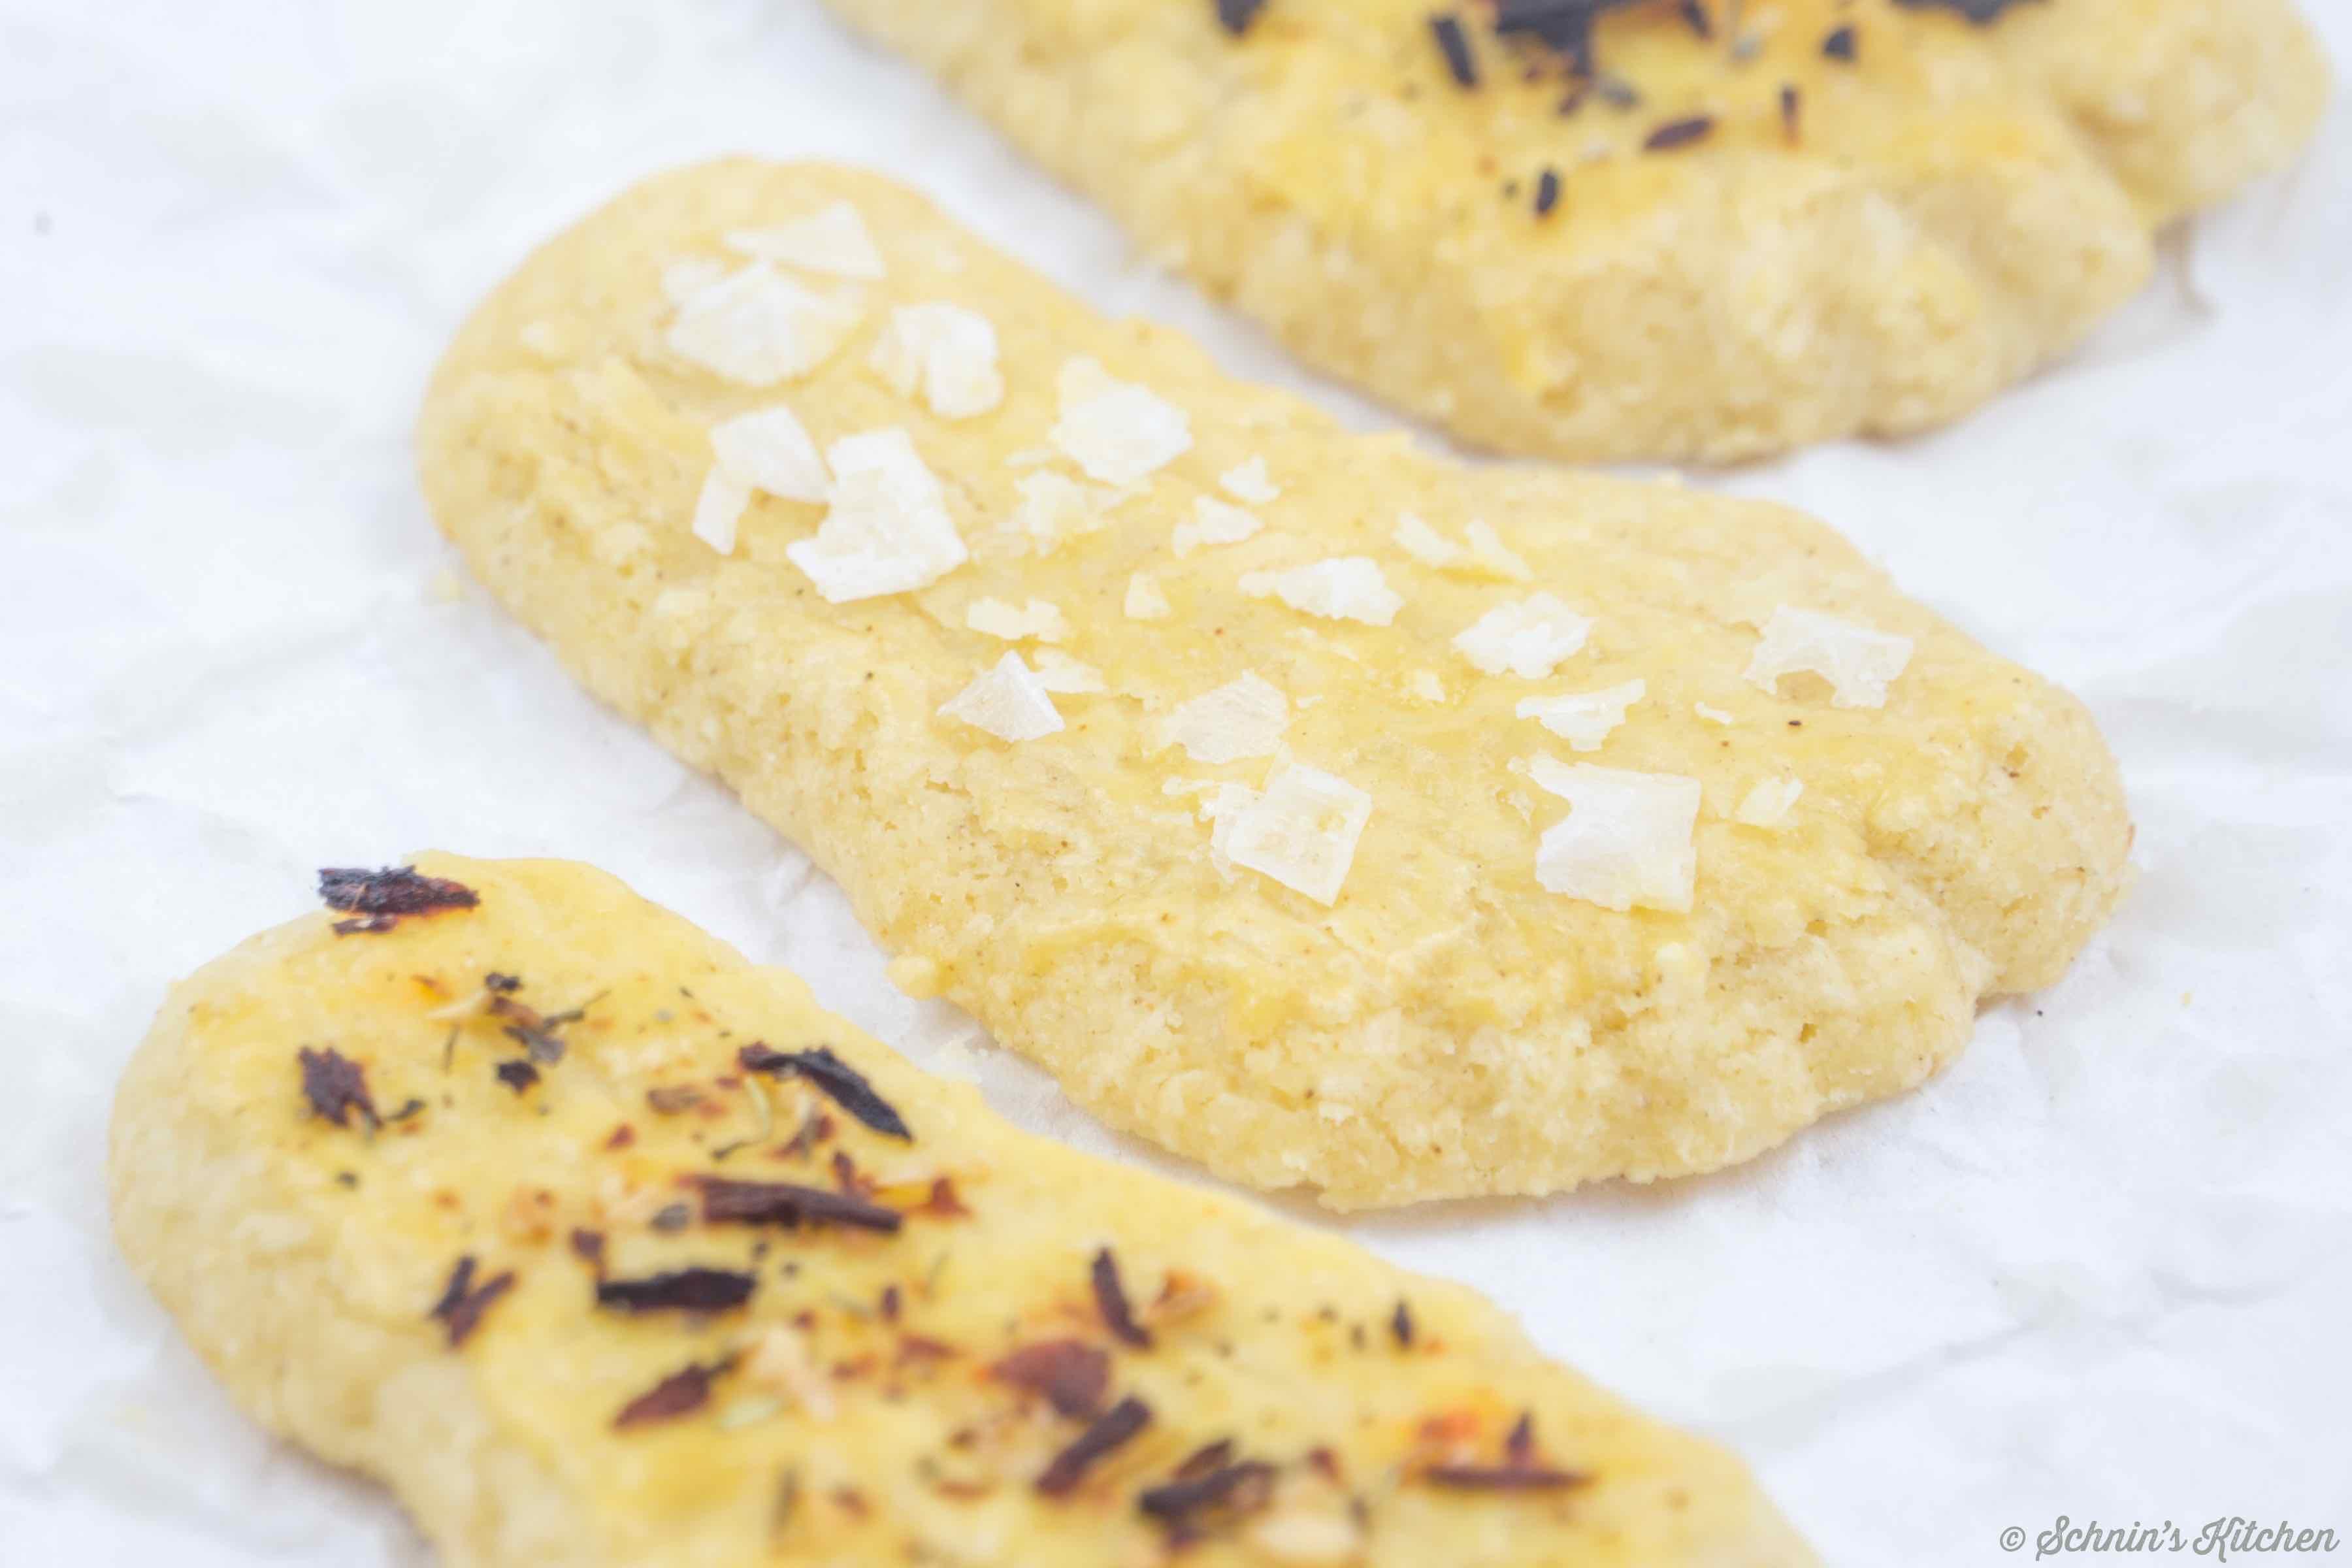 Schnin's Kitchen: Käsecracker - leckere Käsefüße zum Knabbern